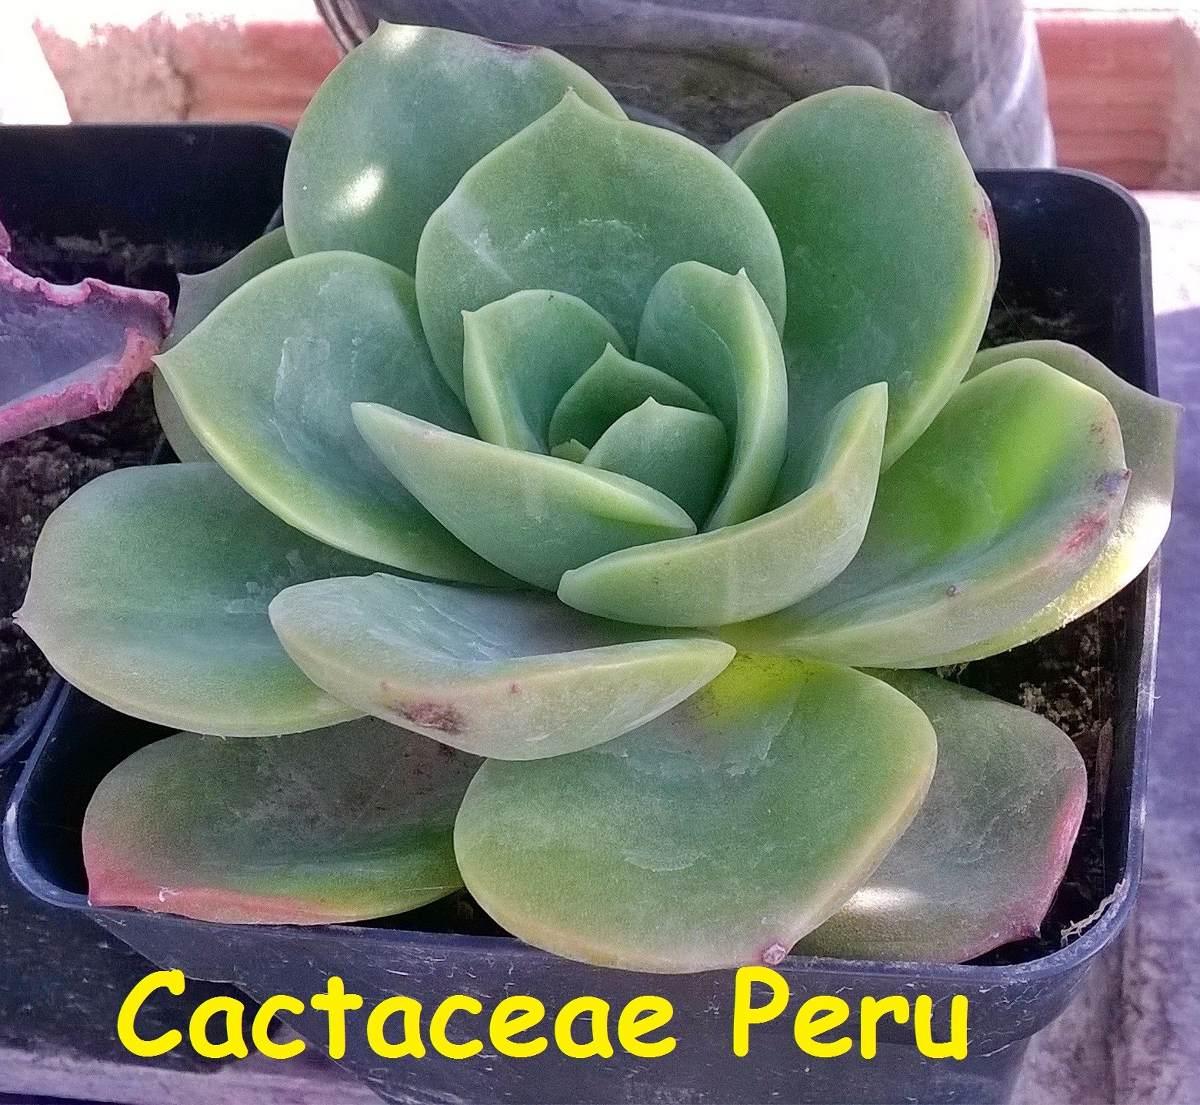 Echeverria planta reproduccion asexual en